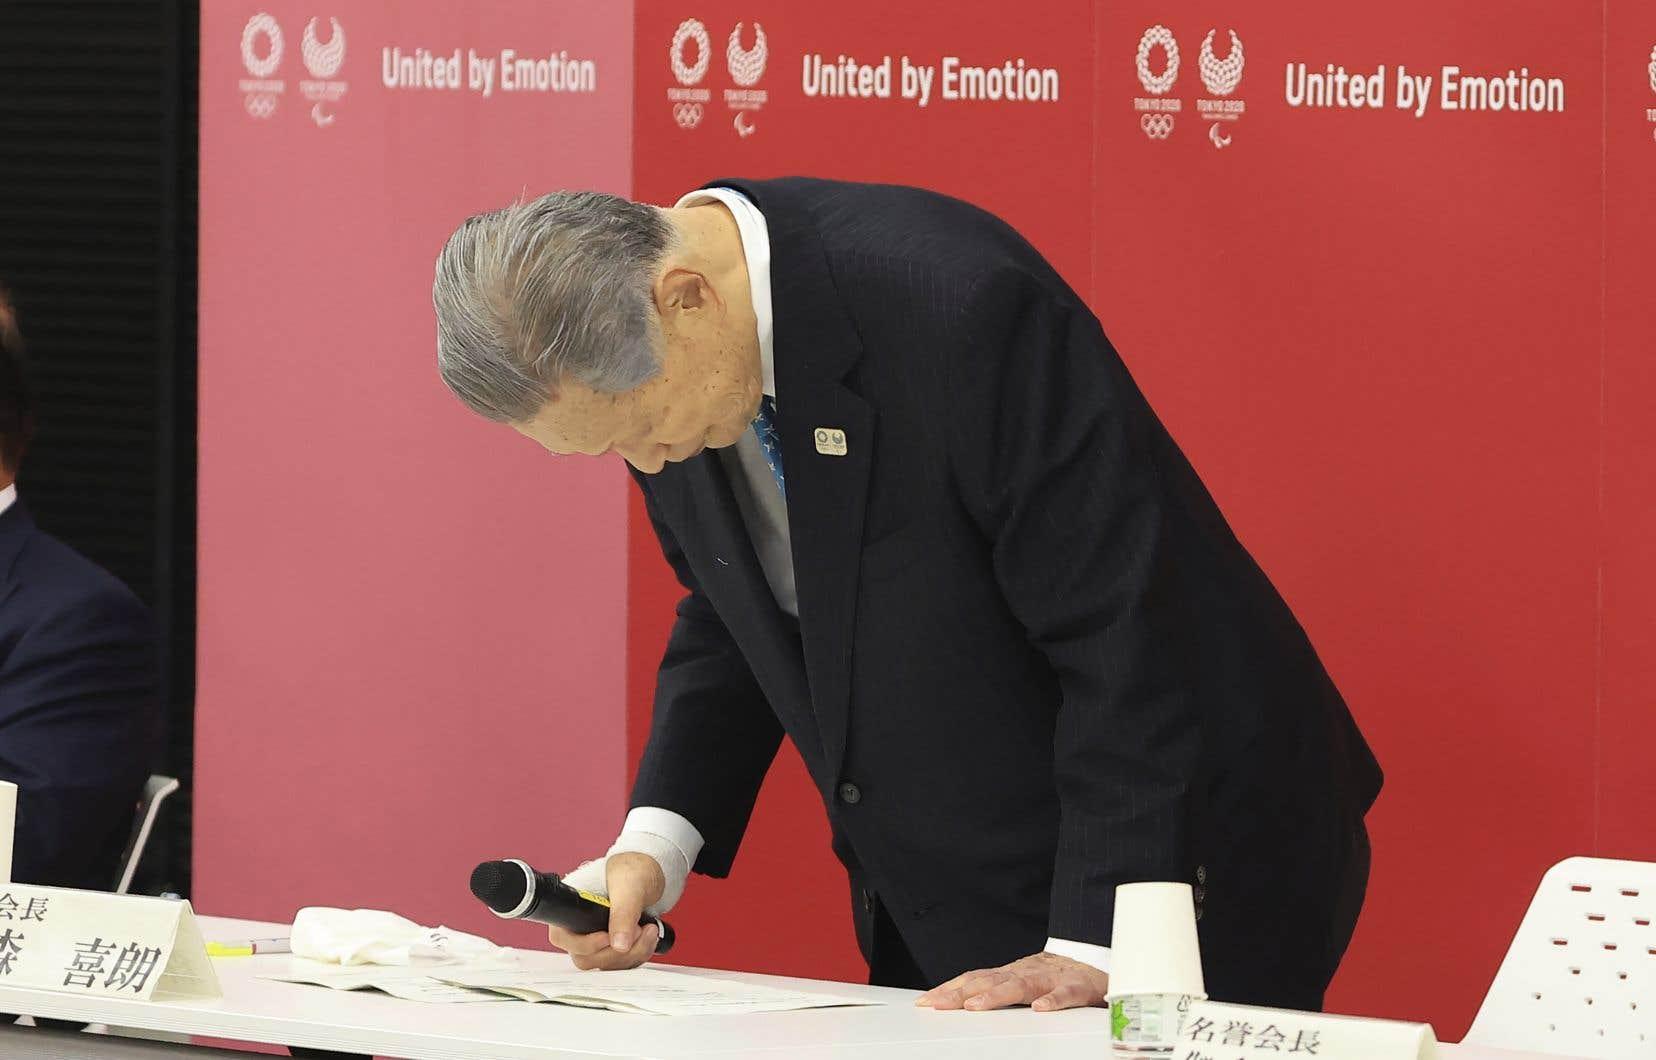 Yoshiro Mori, le président du comité d'organisation des Jeux olympiques de Tokyo, avait déclaré la semaine dernière que les femmes avaient des difficultés à parler de manière concise lors des réunions, ce qu'il trouvait «embêtant».